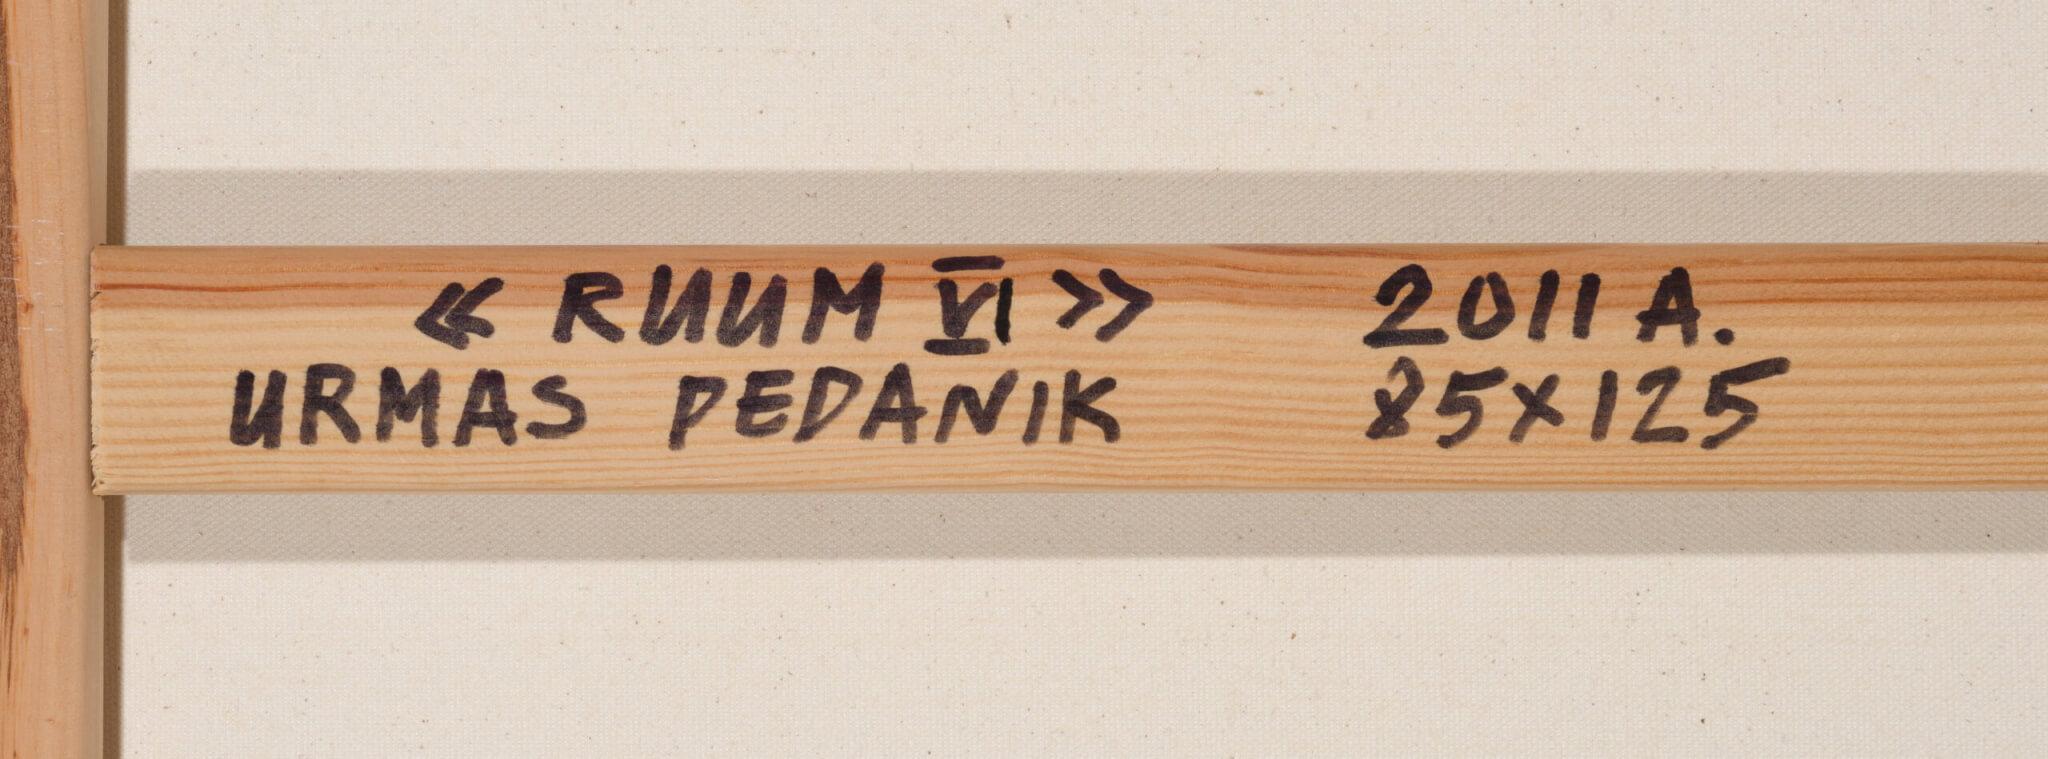 Urmas-Pedanik-Ruum-6-Allee-galerii